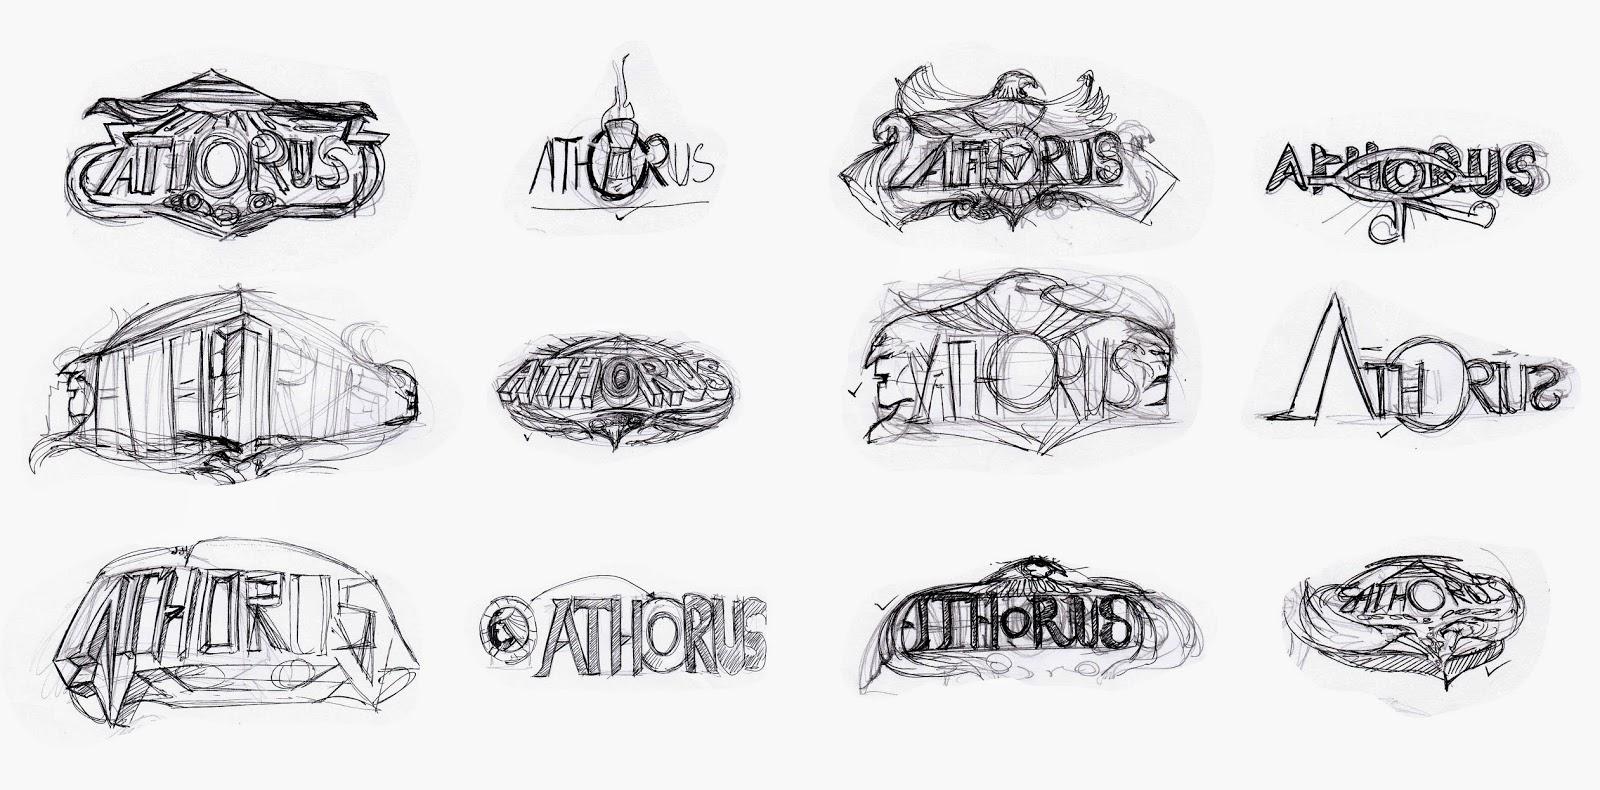 AO artworld: Athorus mobile game : UI artwork